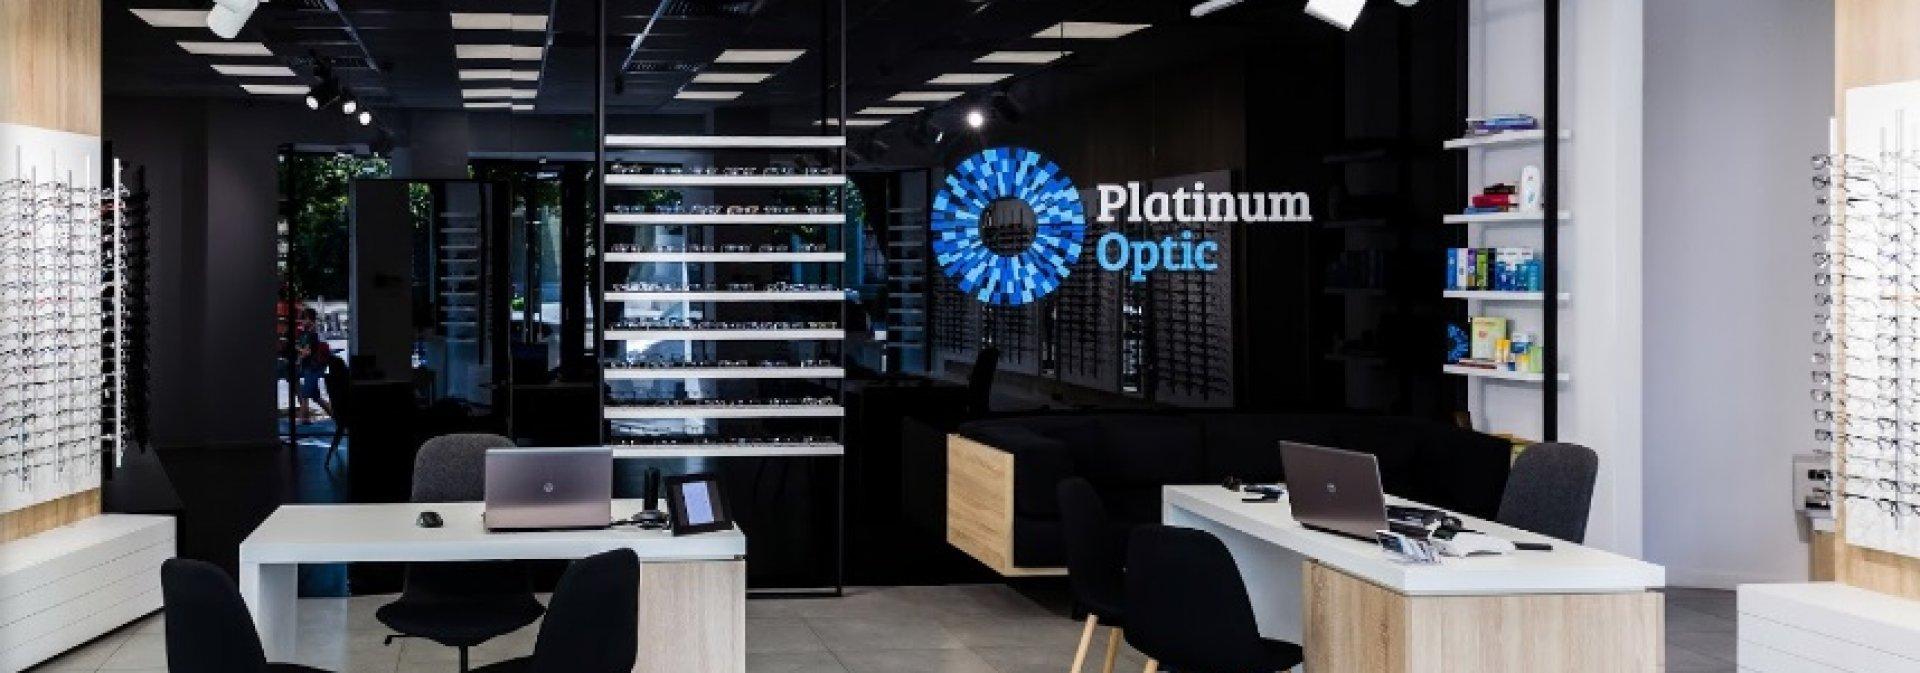 Platinum Optic, Piatra-Neamț, Neamț